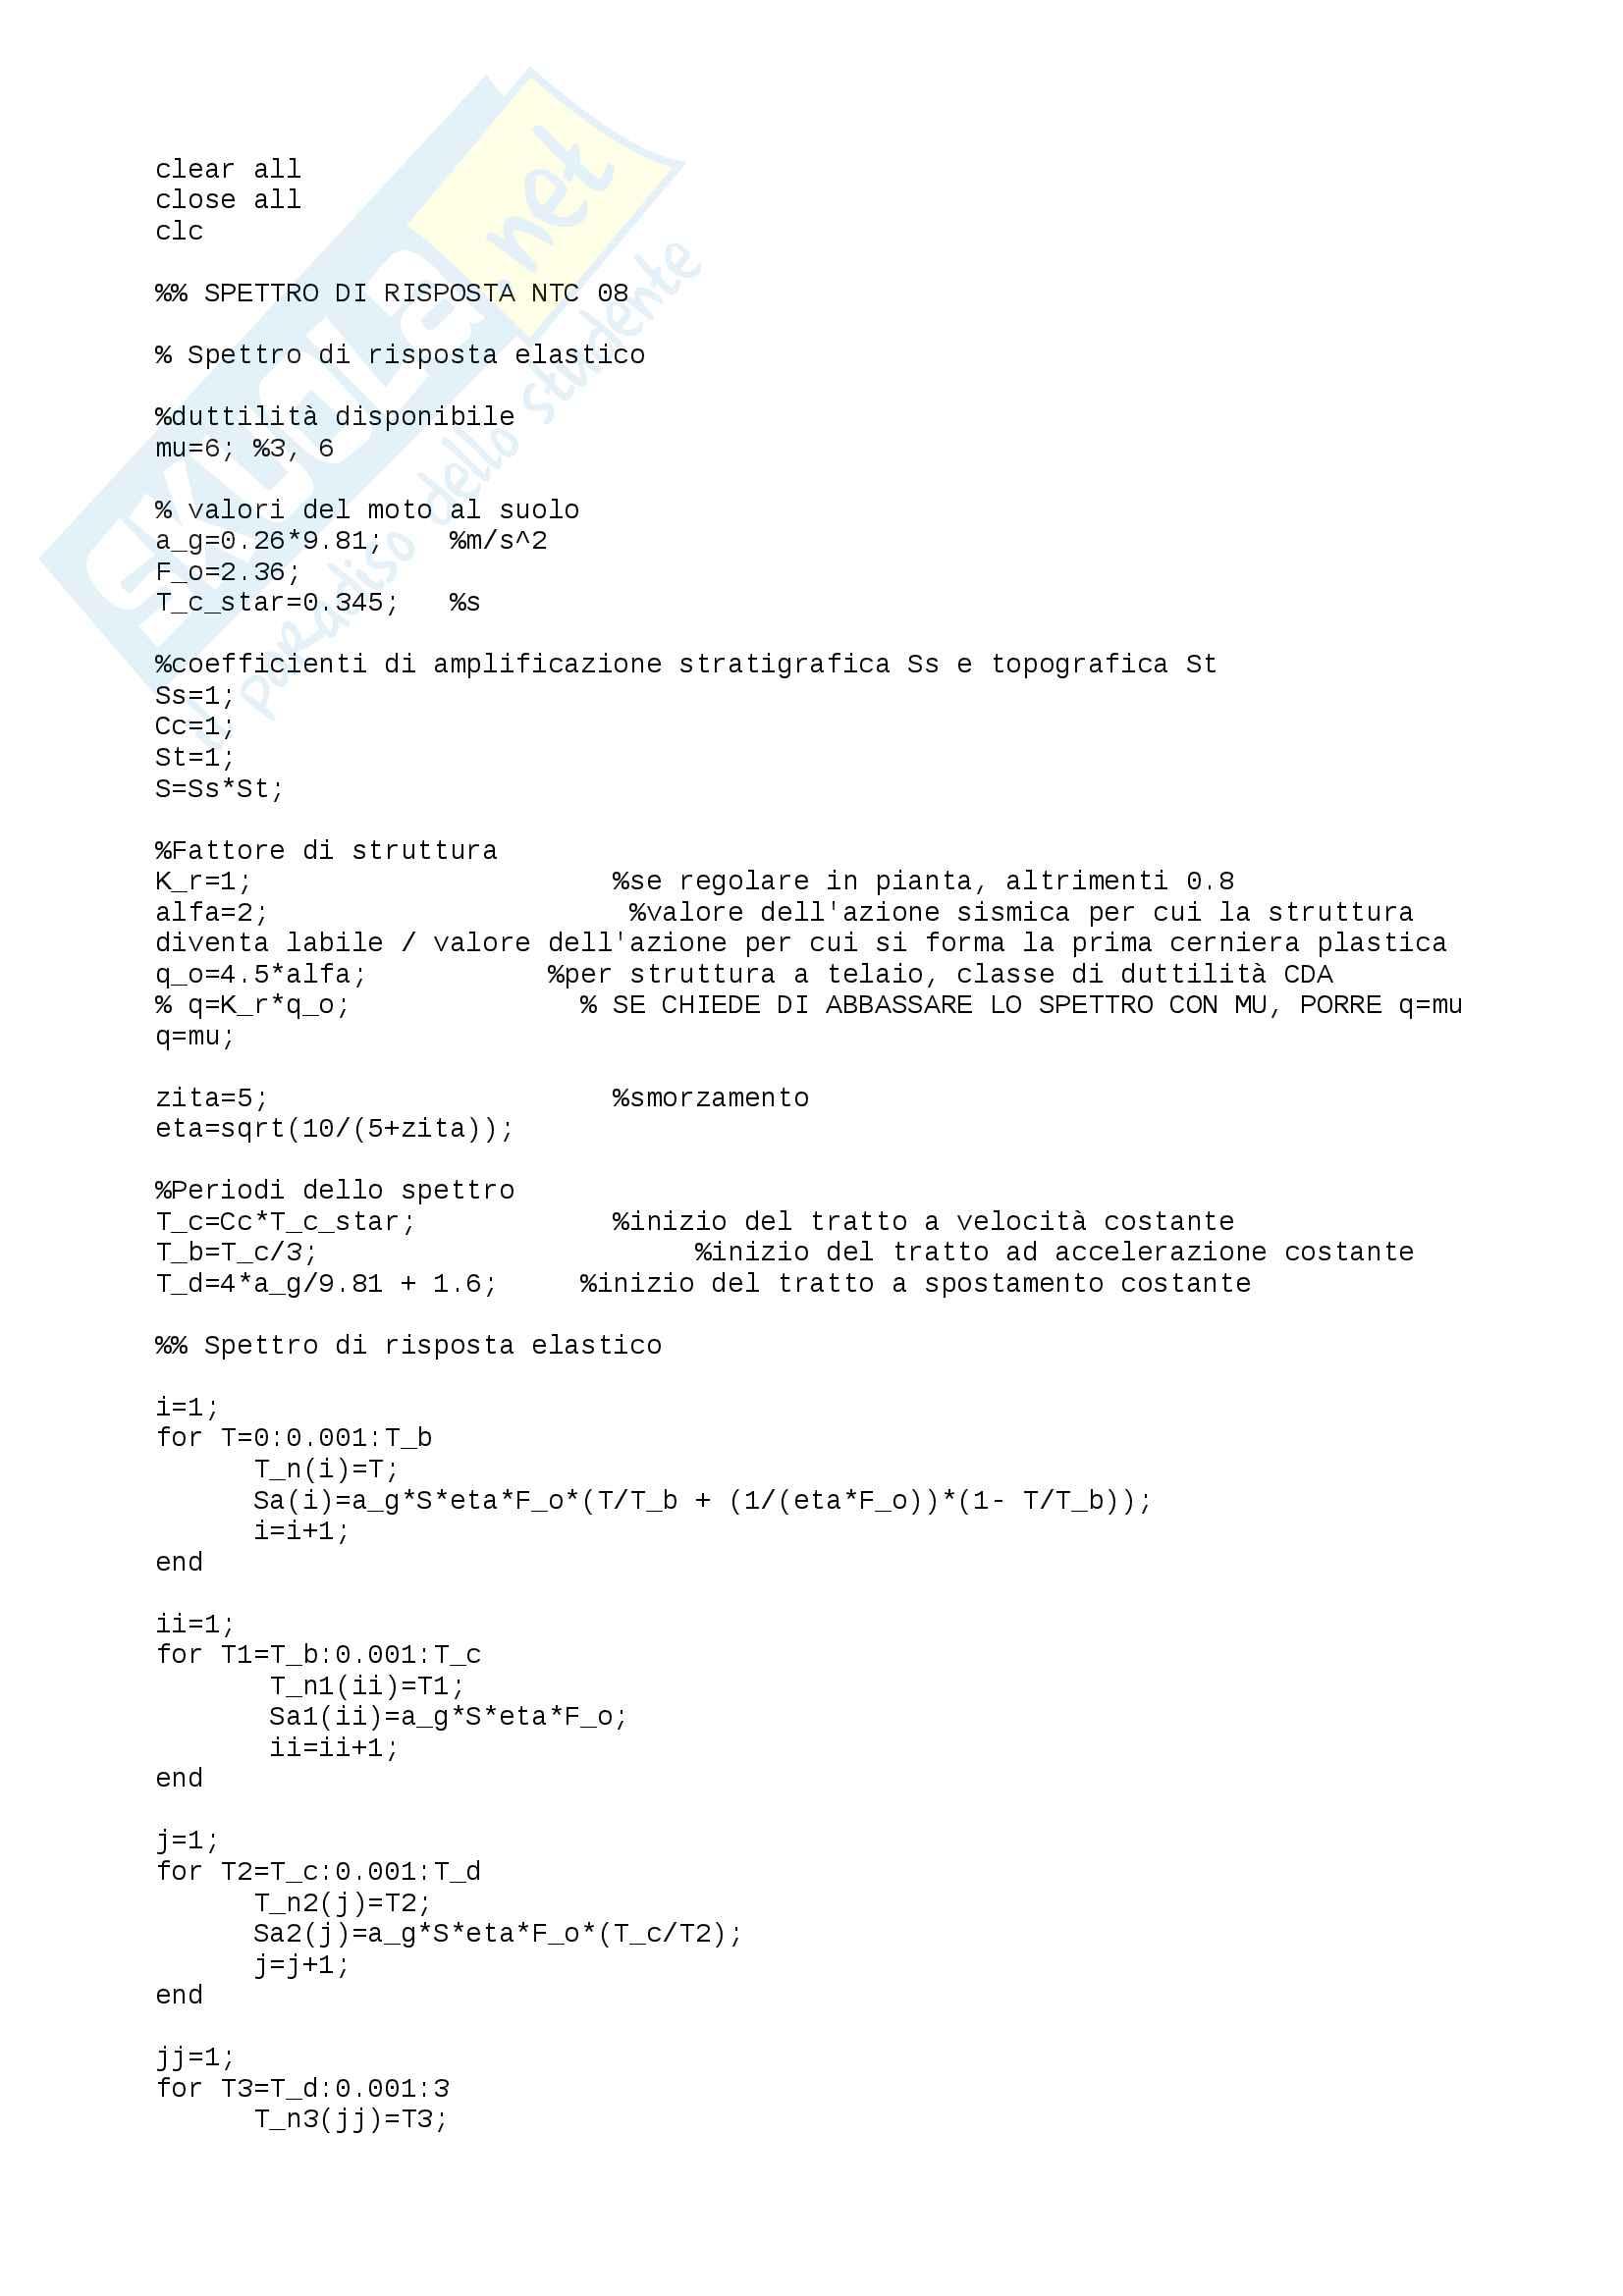 Algoritmo Matlab costruzione spettri NTC08